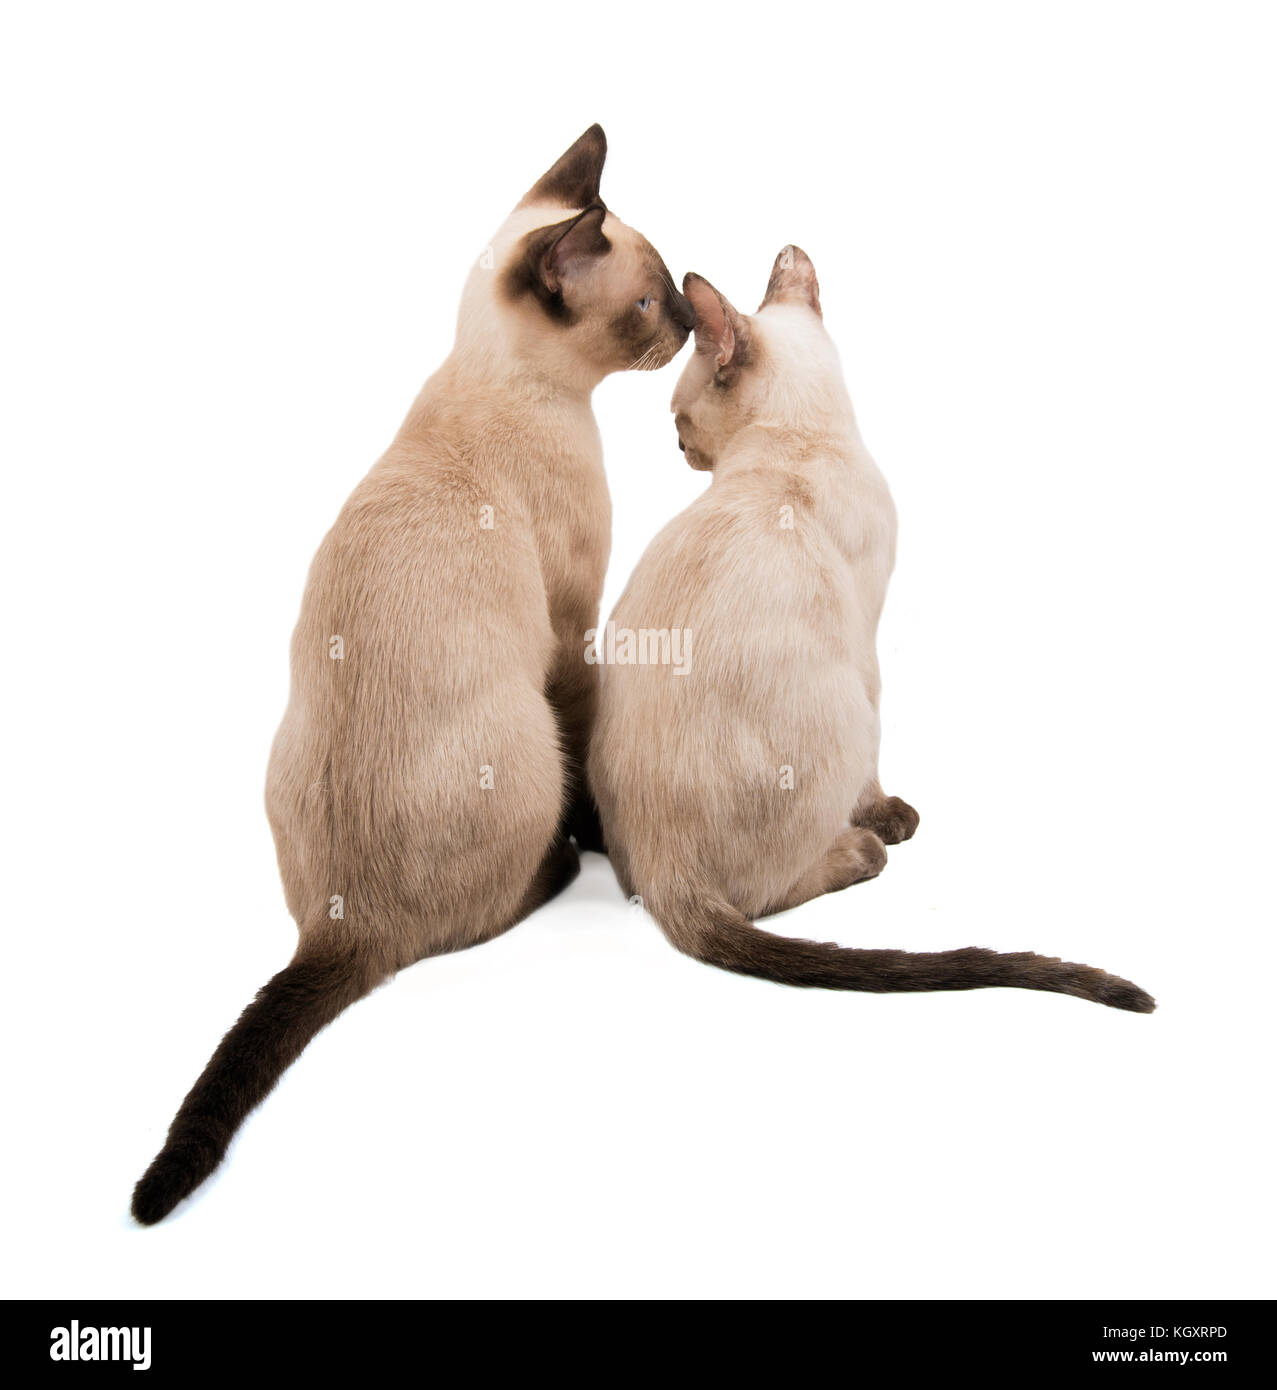 Deux jeunes chats siamois assis à côté de l'autre, montrer de l'affection, on white Banque D'Images